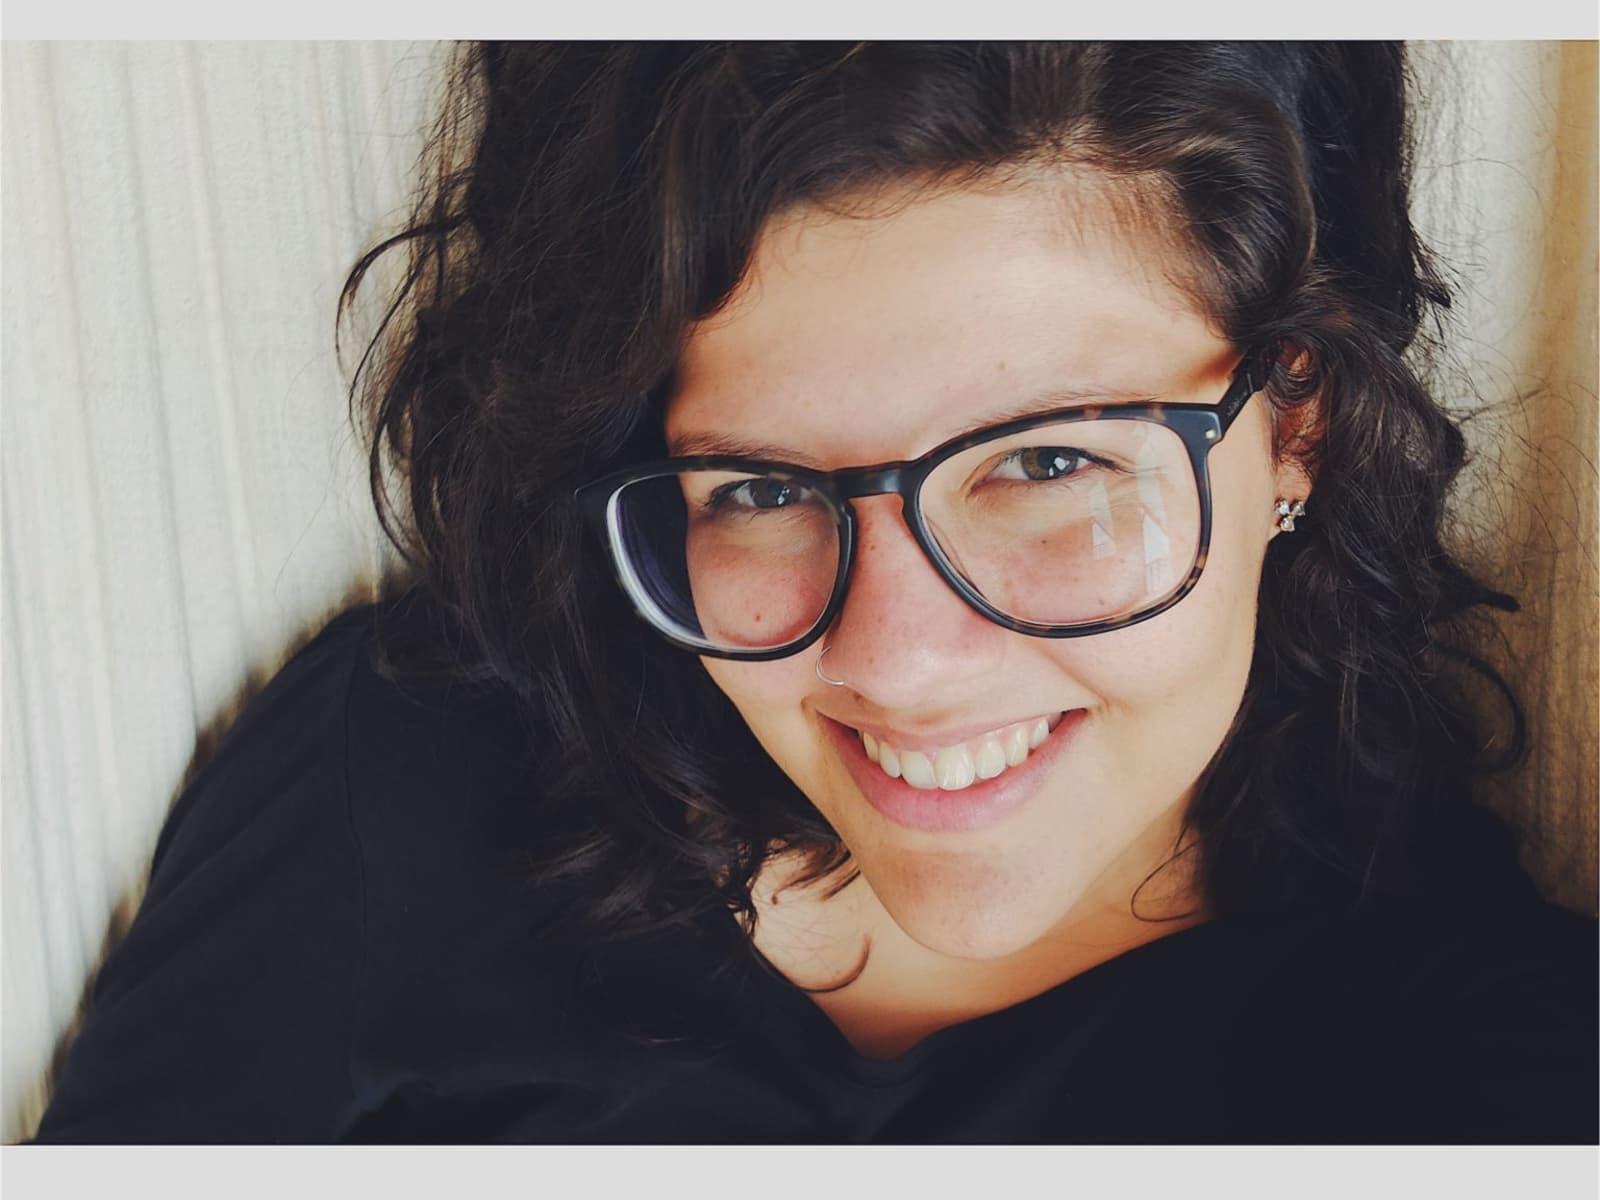 Gabriela from Rio de Janeiro, Brazil